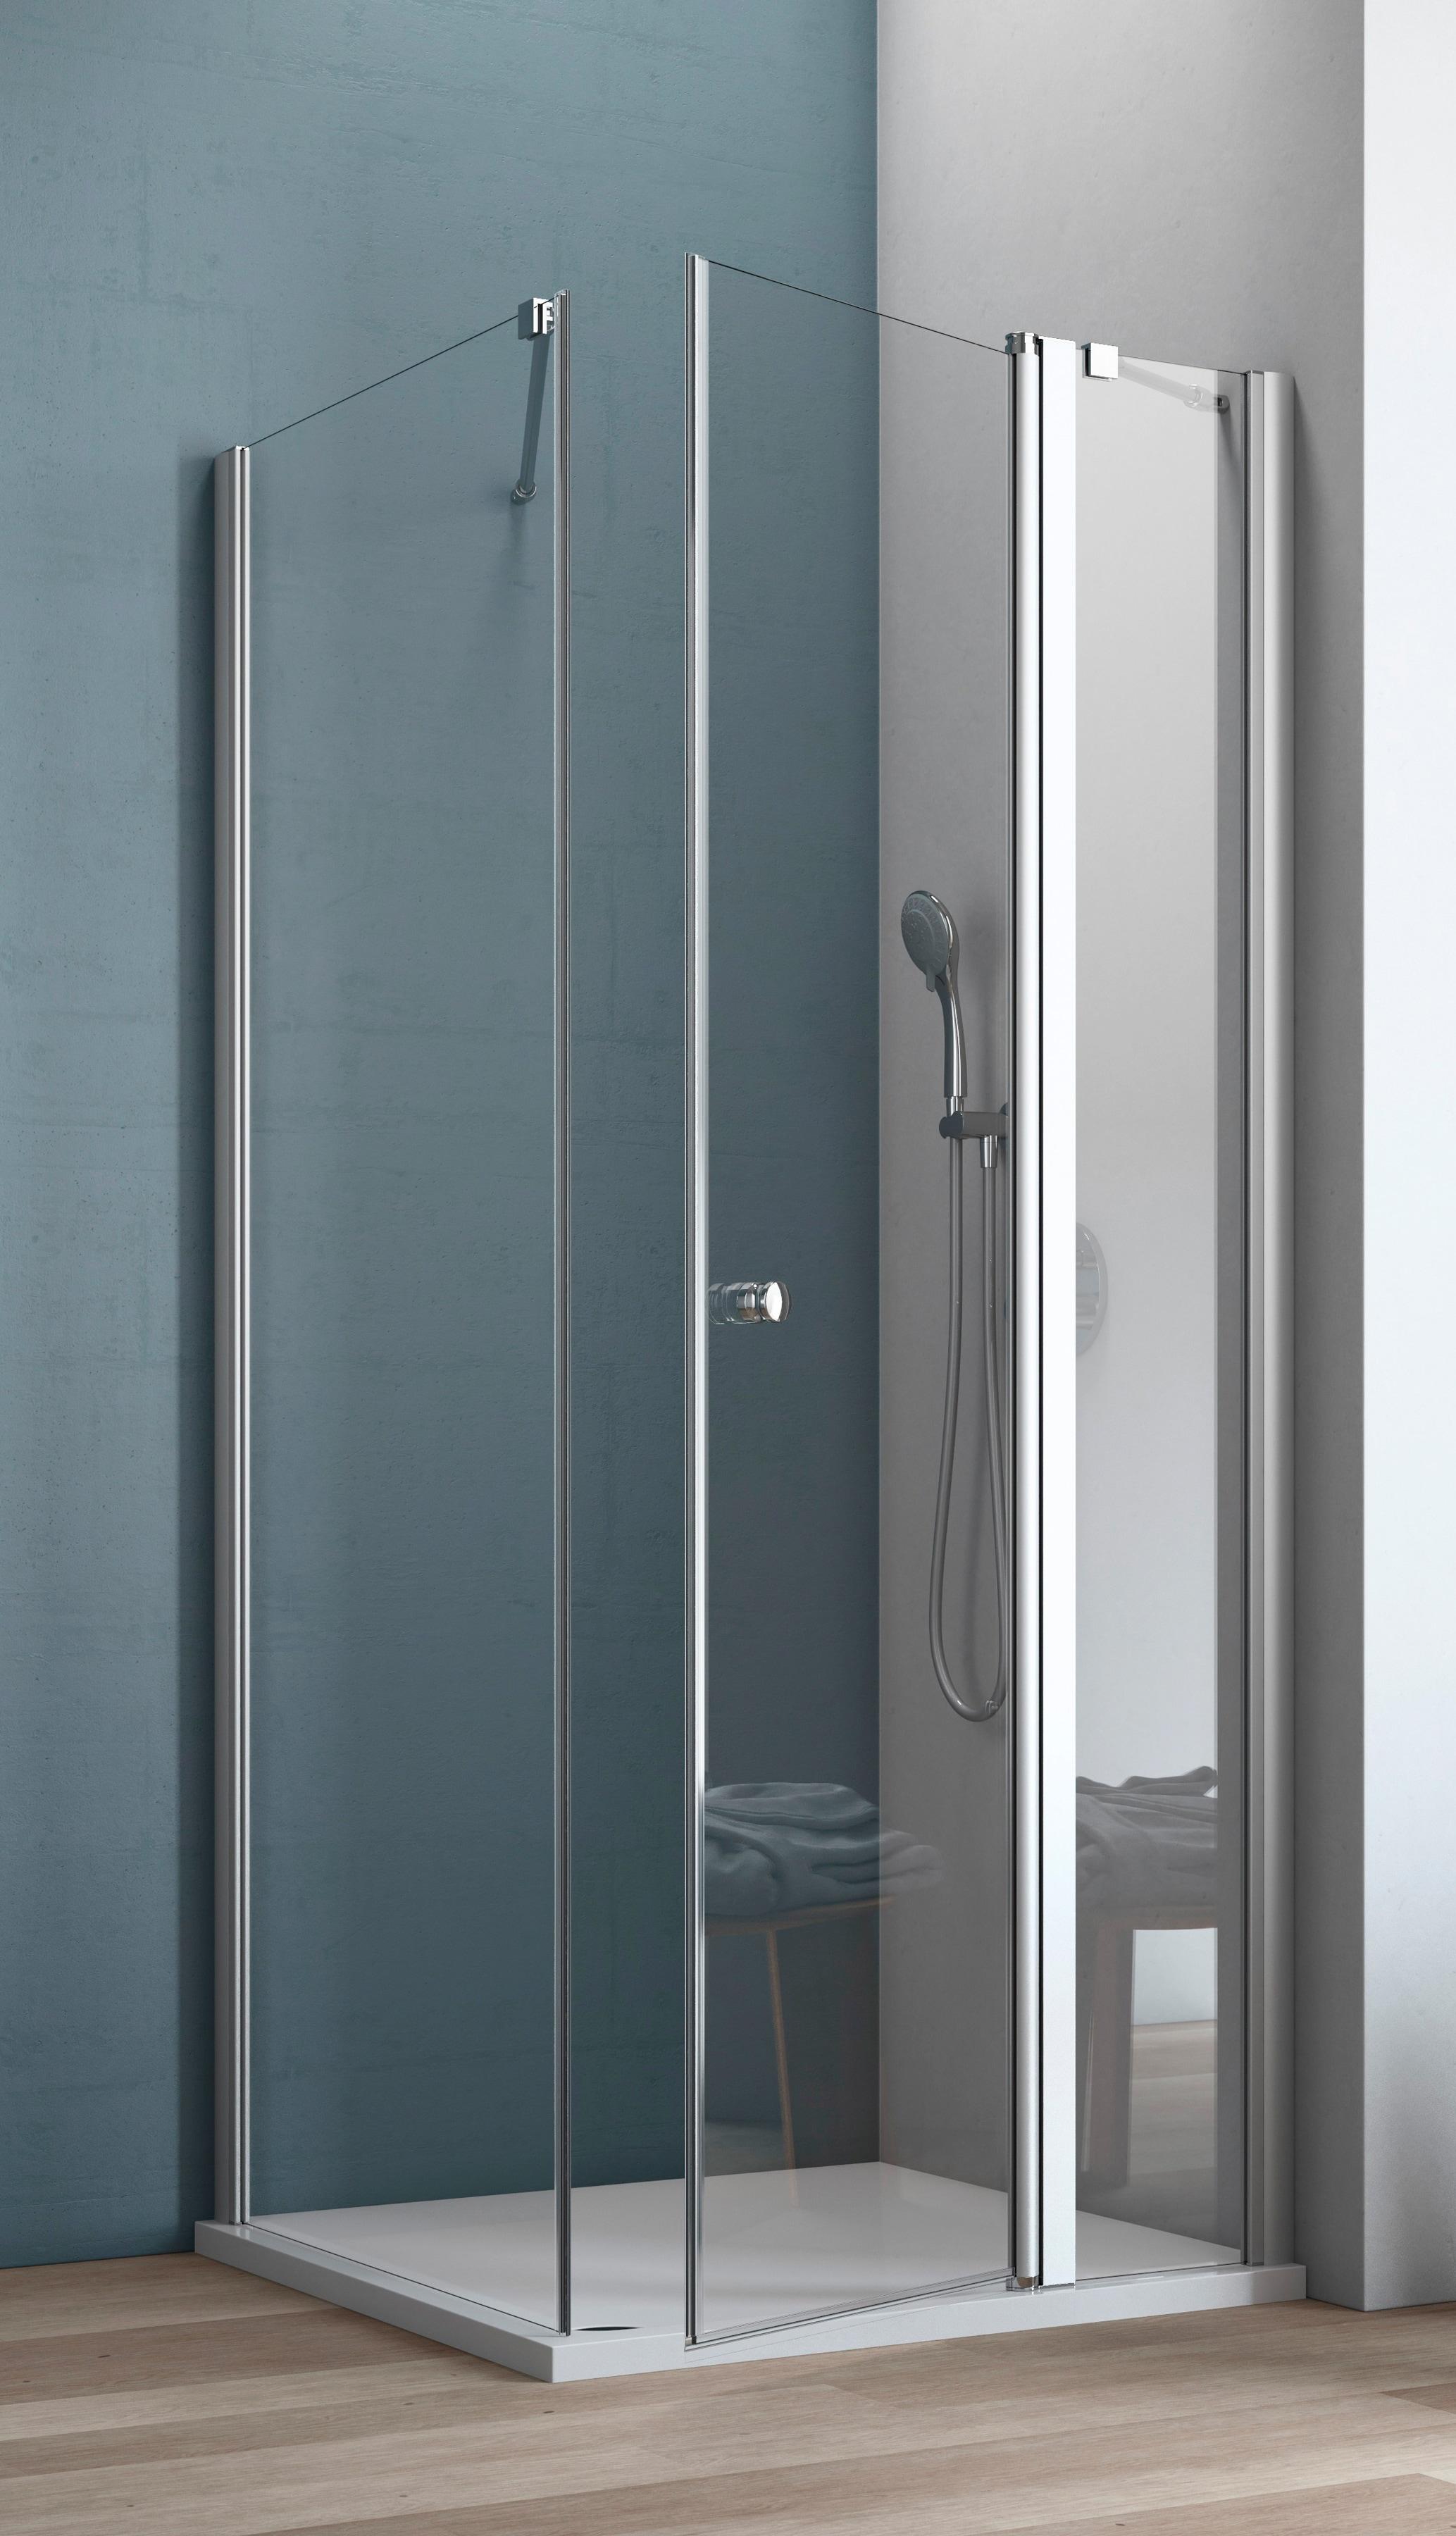 MAW Eckdusche »AF200«, 120 x 80 cm günstig | BAUR